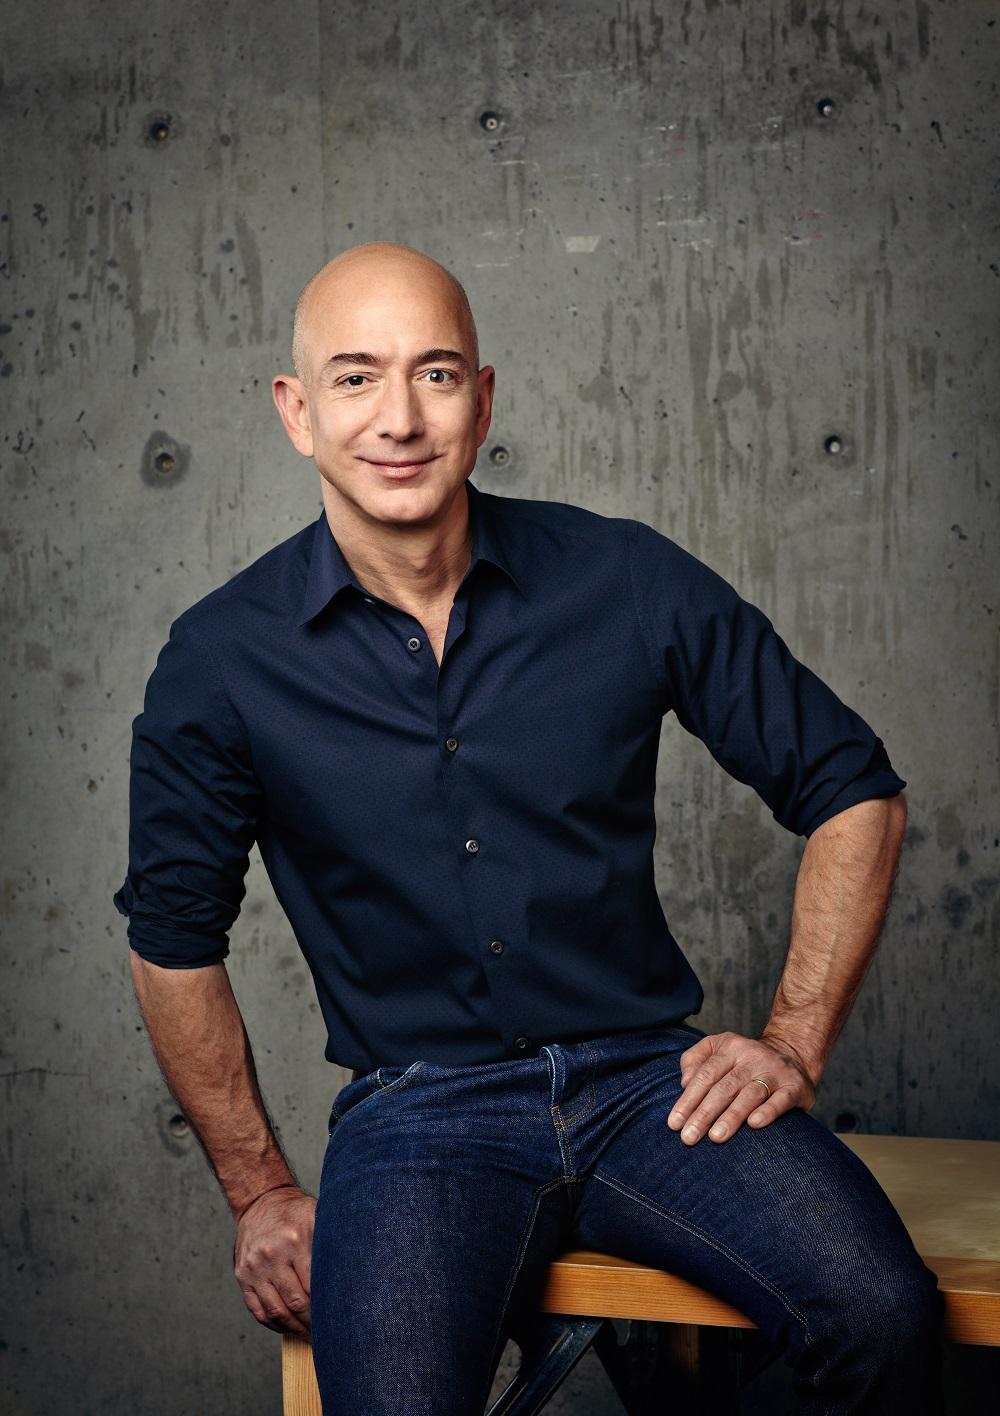 アマゾンのジェフ・ベゾスに学んだ伝え方の極意(ニュースイッチ) - goo ...